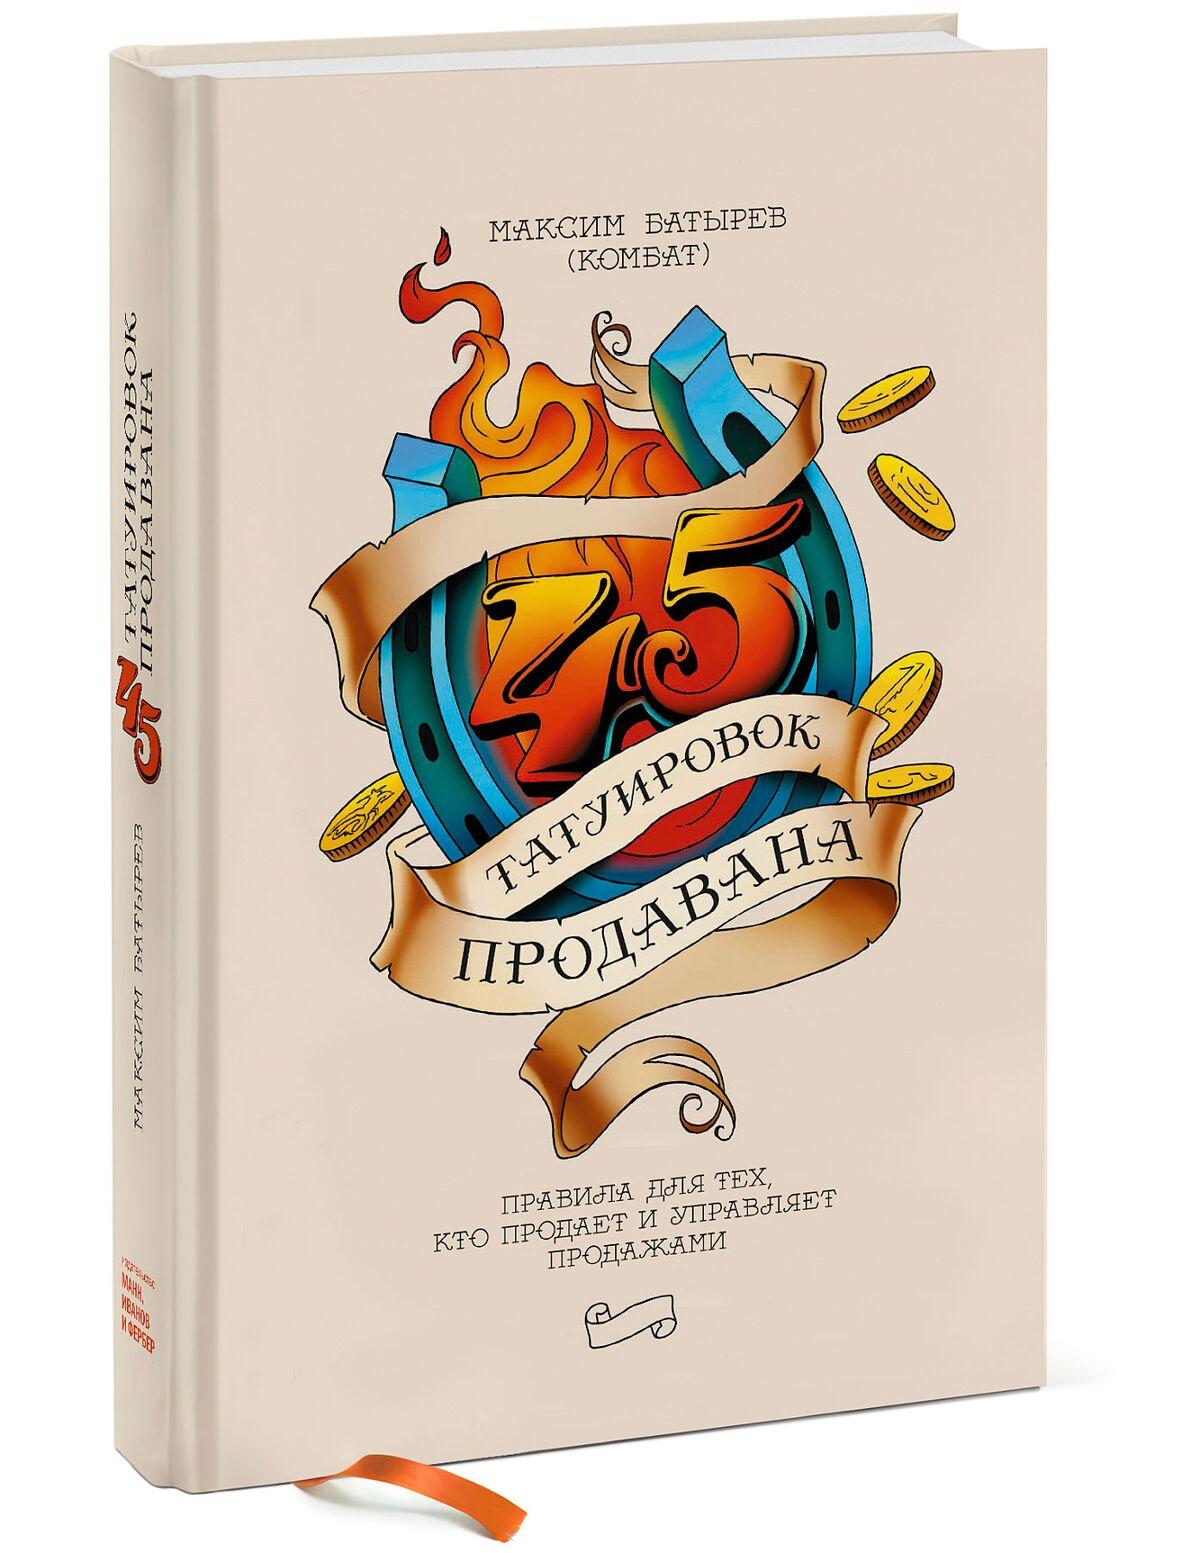 Книга 45 татуировок продавана, правила для тех кто продаёт и Управляет продажами